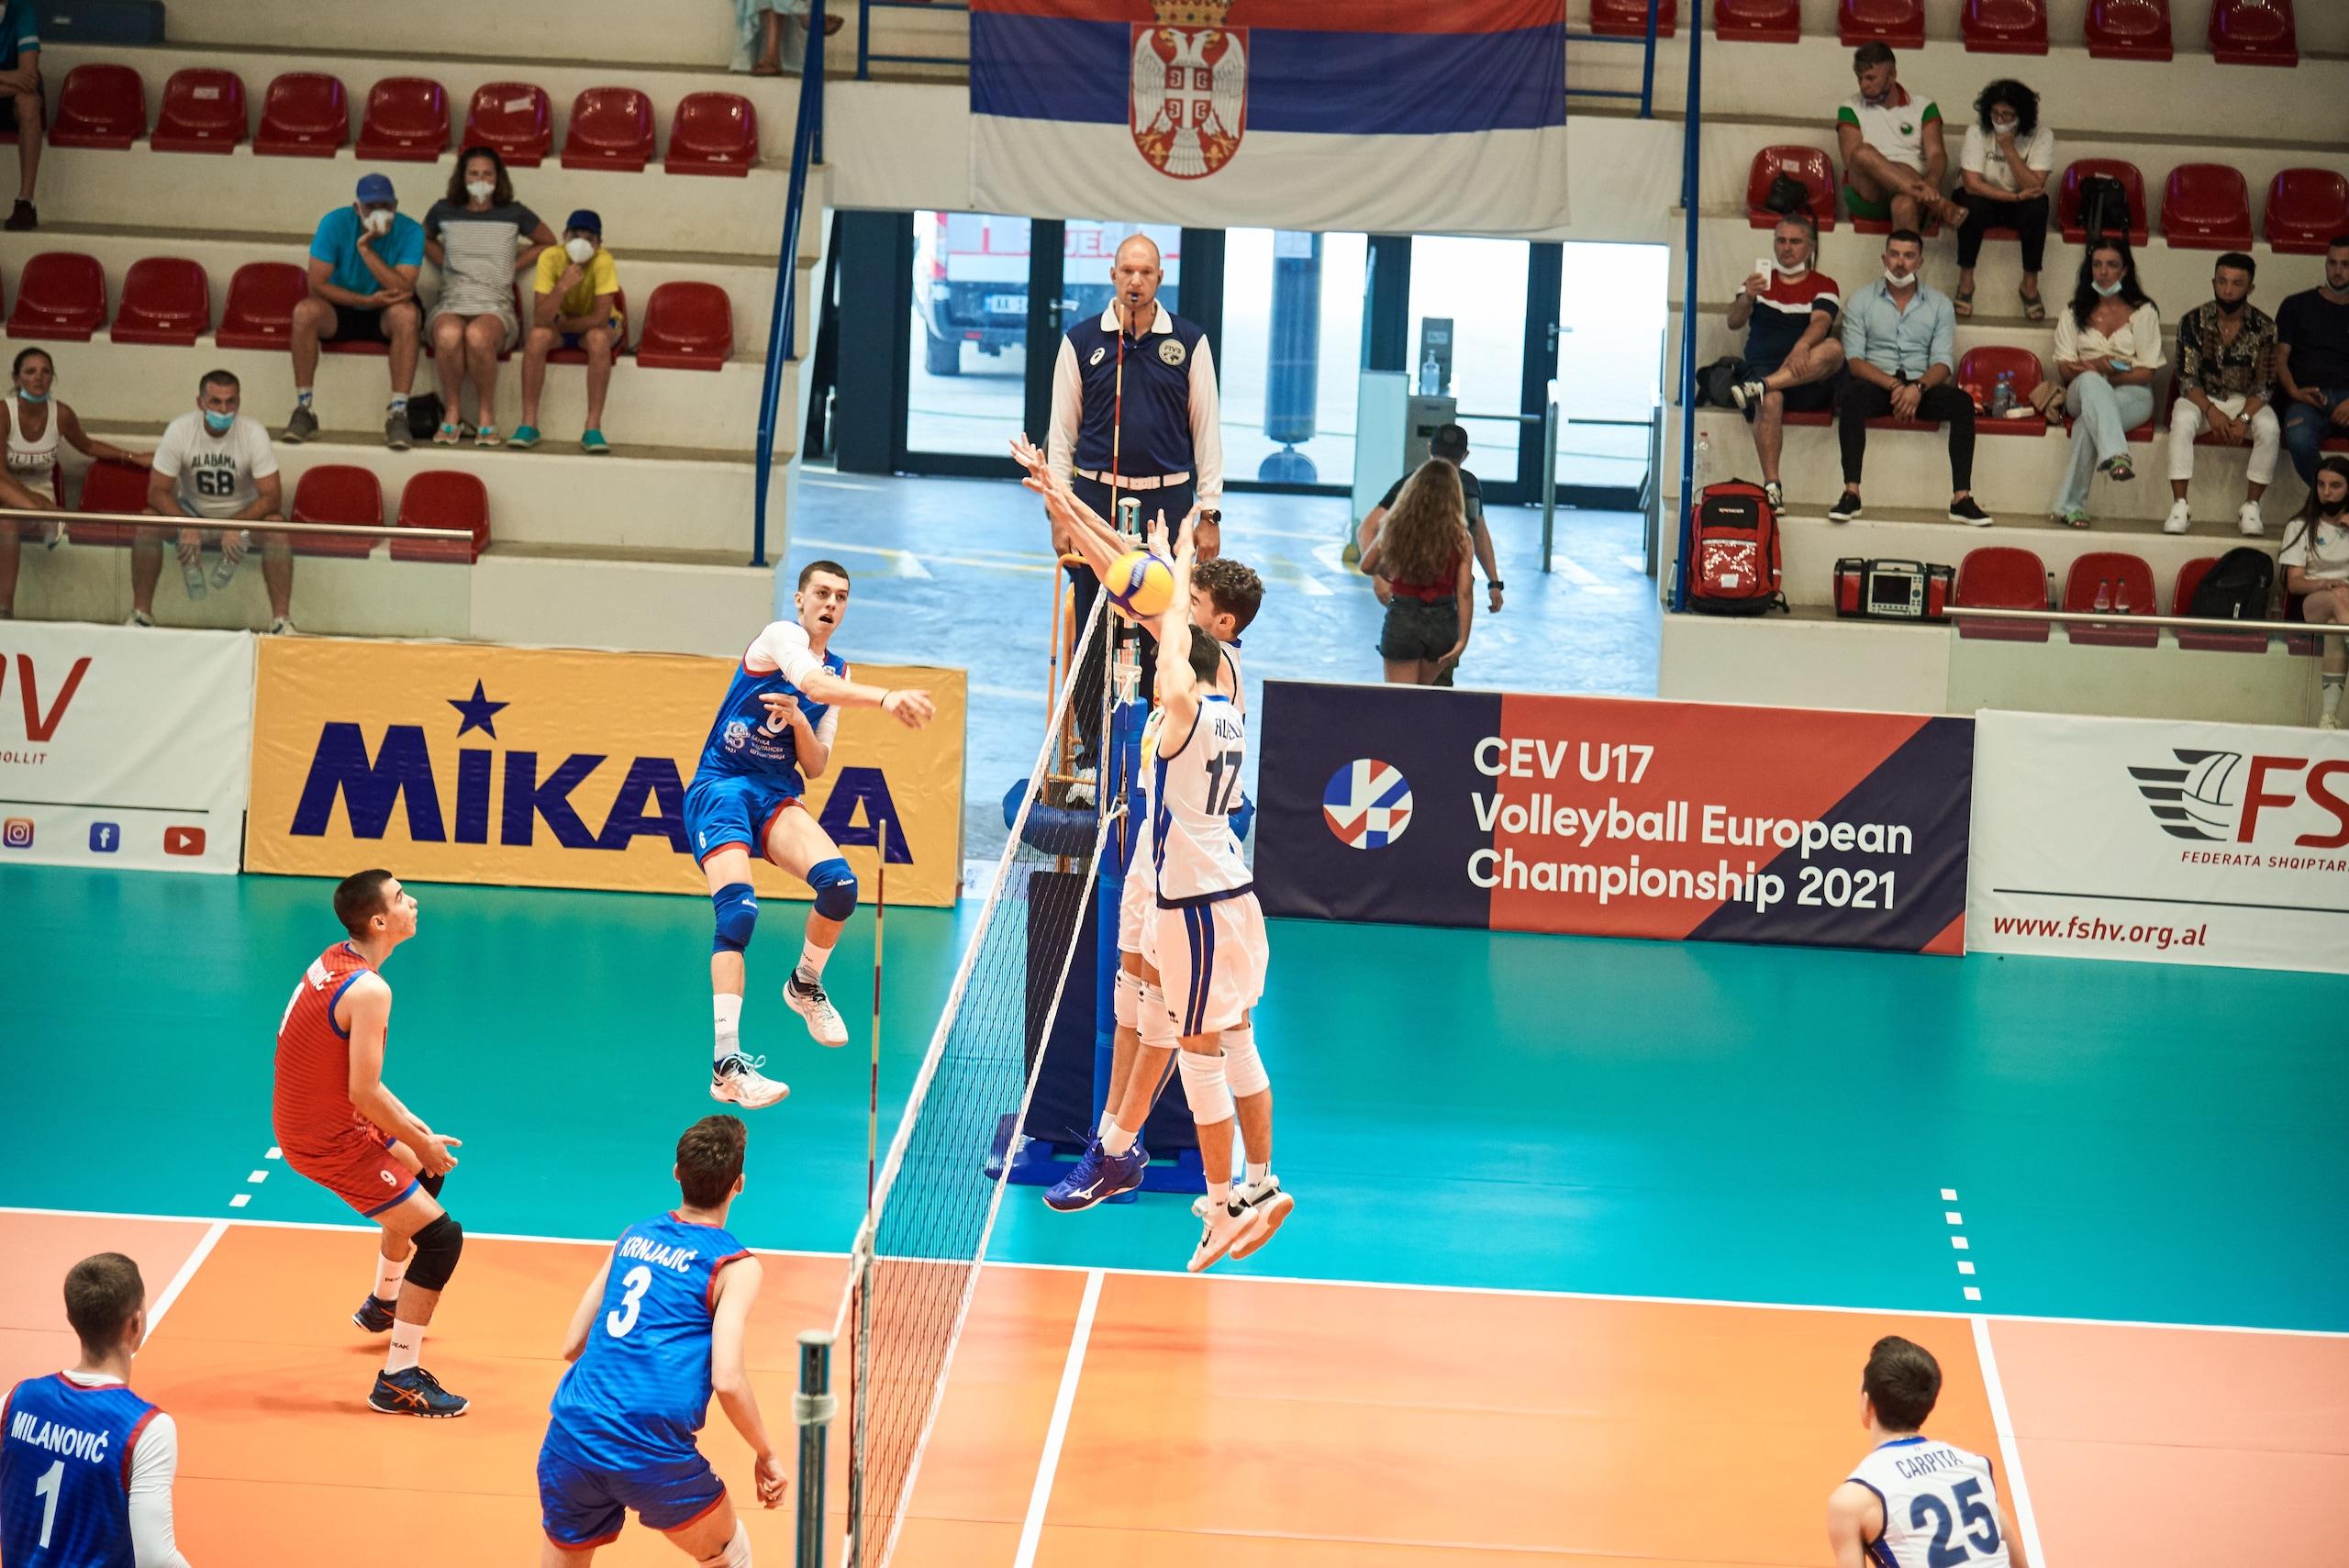 010658084 c9c94a87 ff23 4f12 b414 cc7d2ca740c0 - Europei U.17: l'Italia batte la Serbia e vola in semifinale